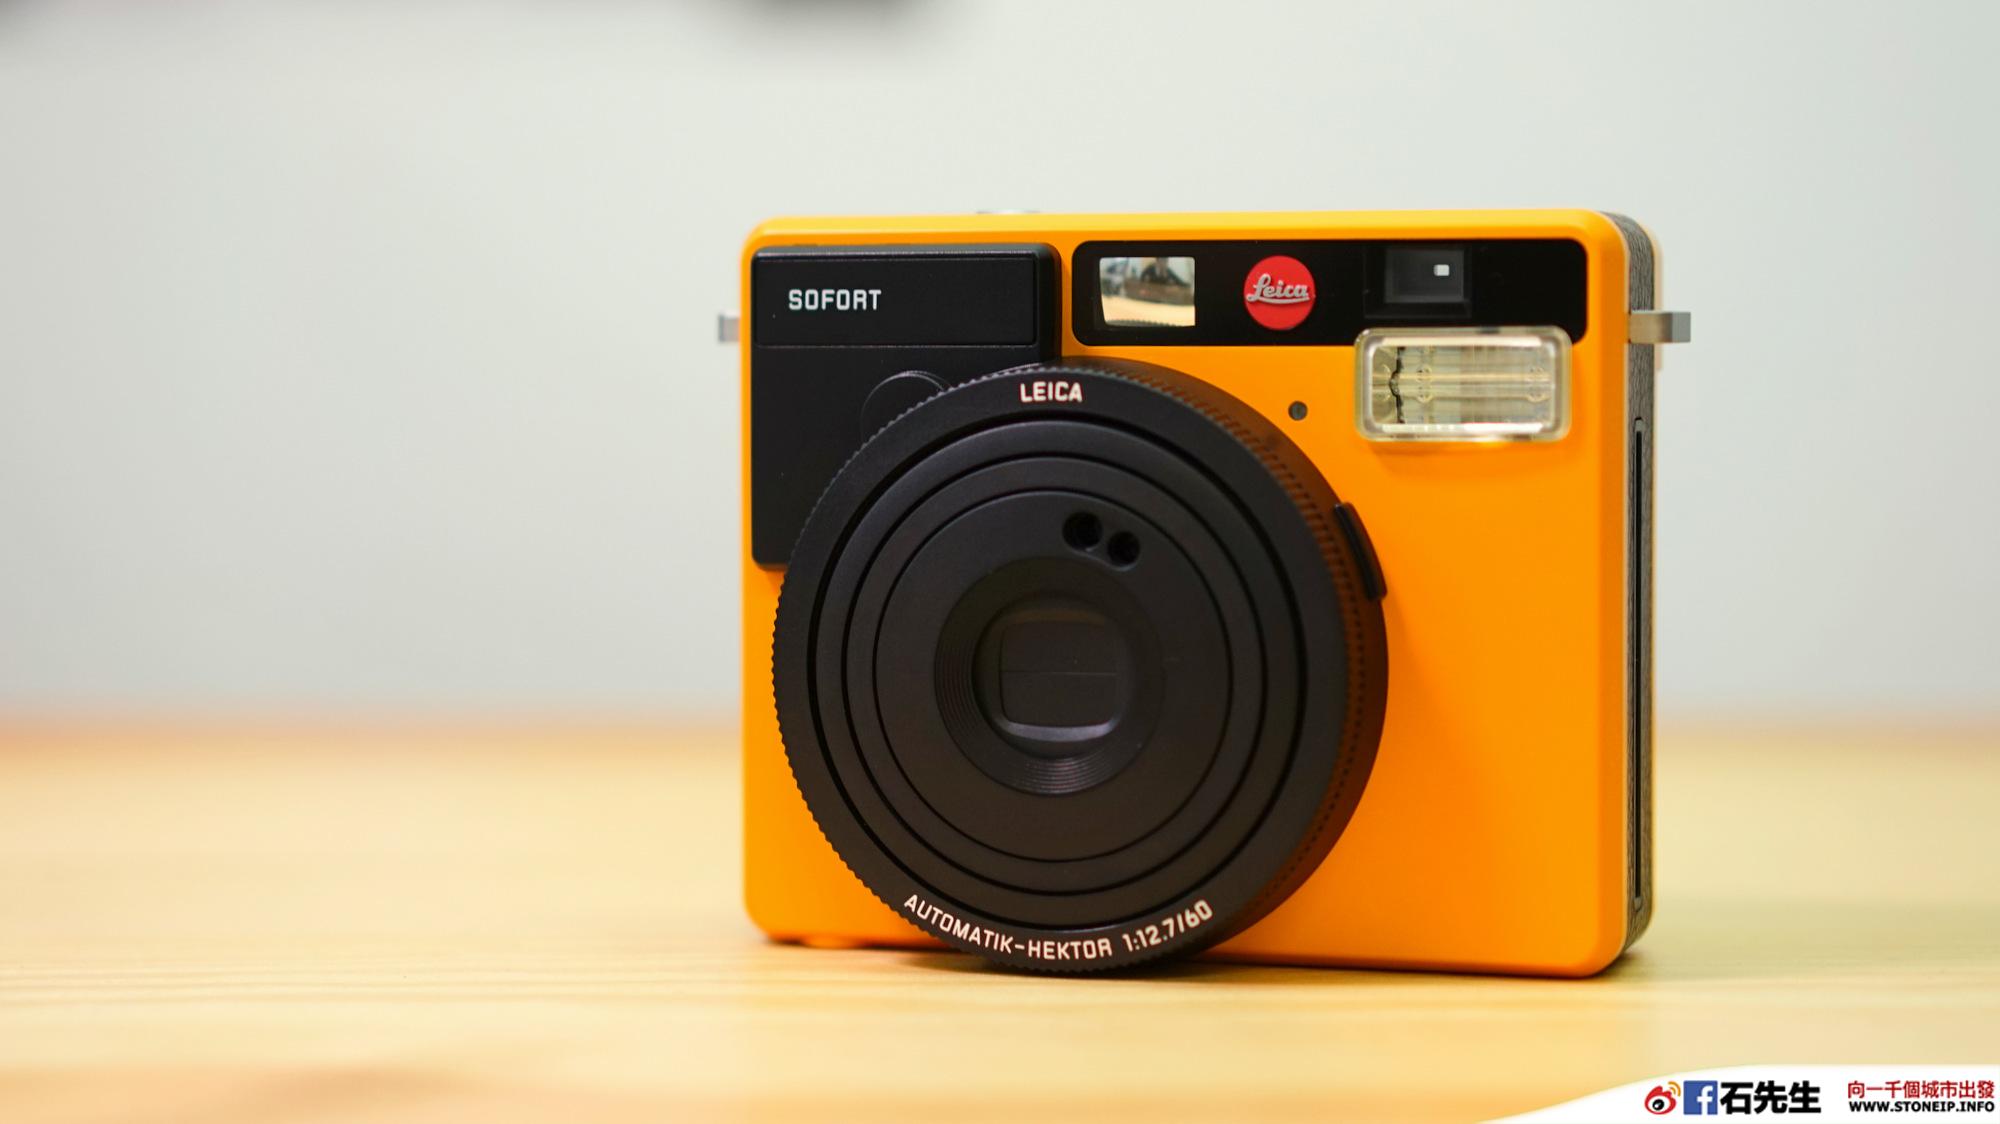 Leica_SOFORT_unbox07